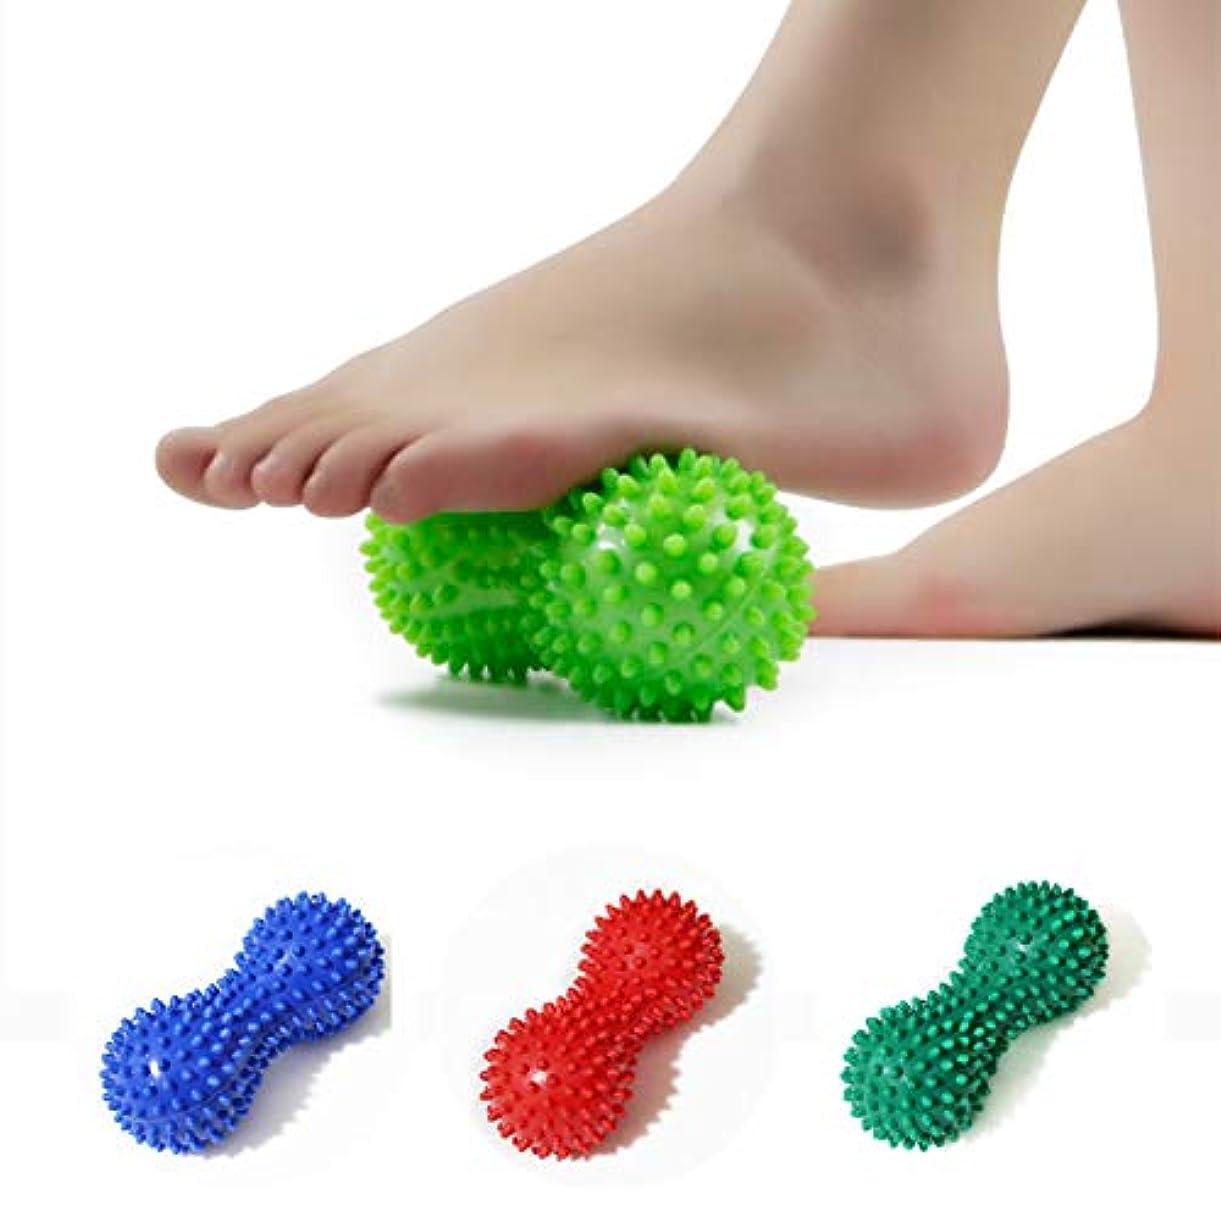 削除する不名誉な原子炉Peanut Shape Massage Yoga Sport Fitness Ball Durable PVC Stress Relief Body Hand Foot Spiky Massager Trigger Point...